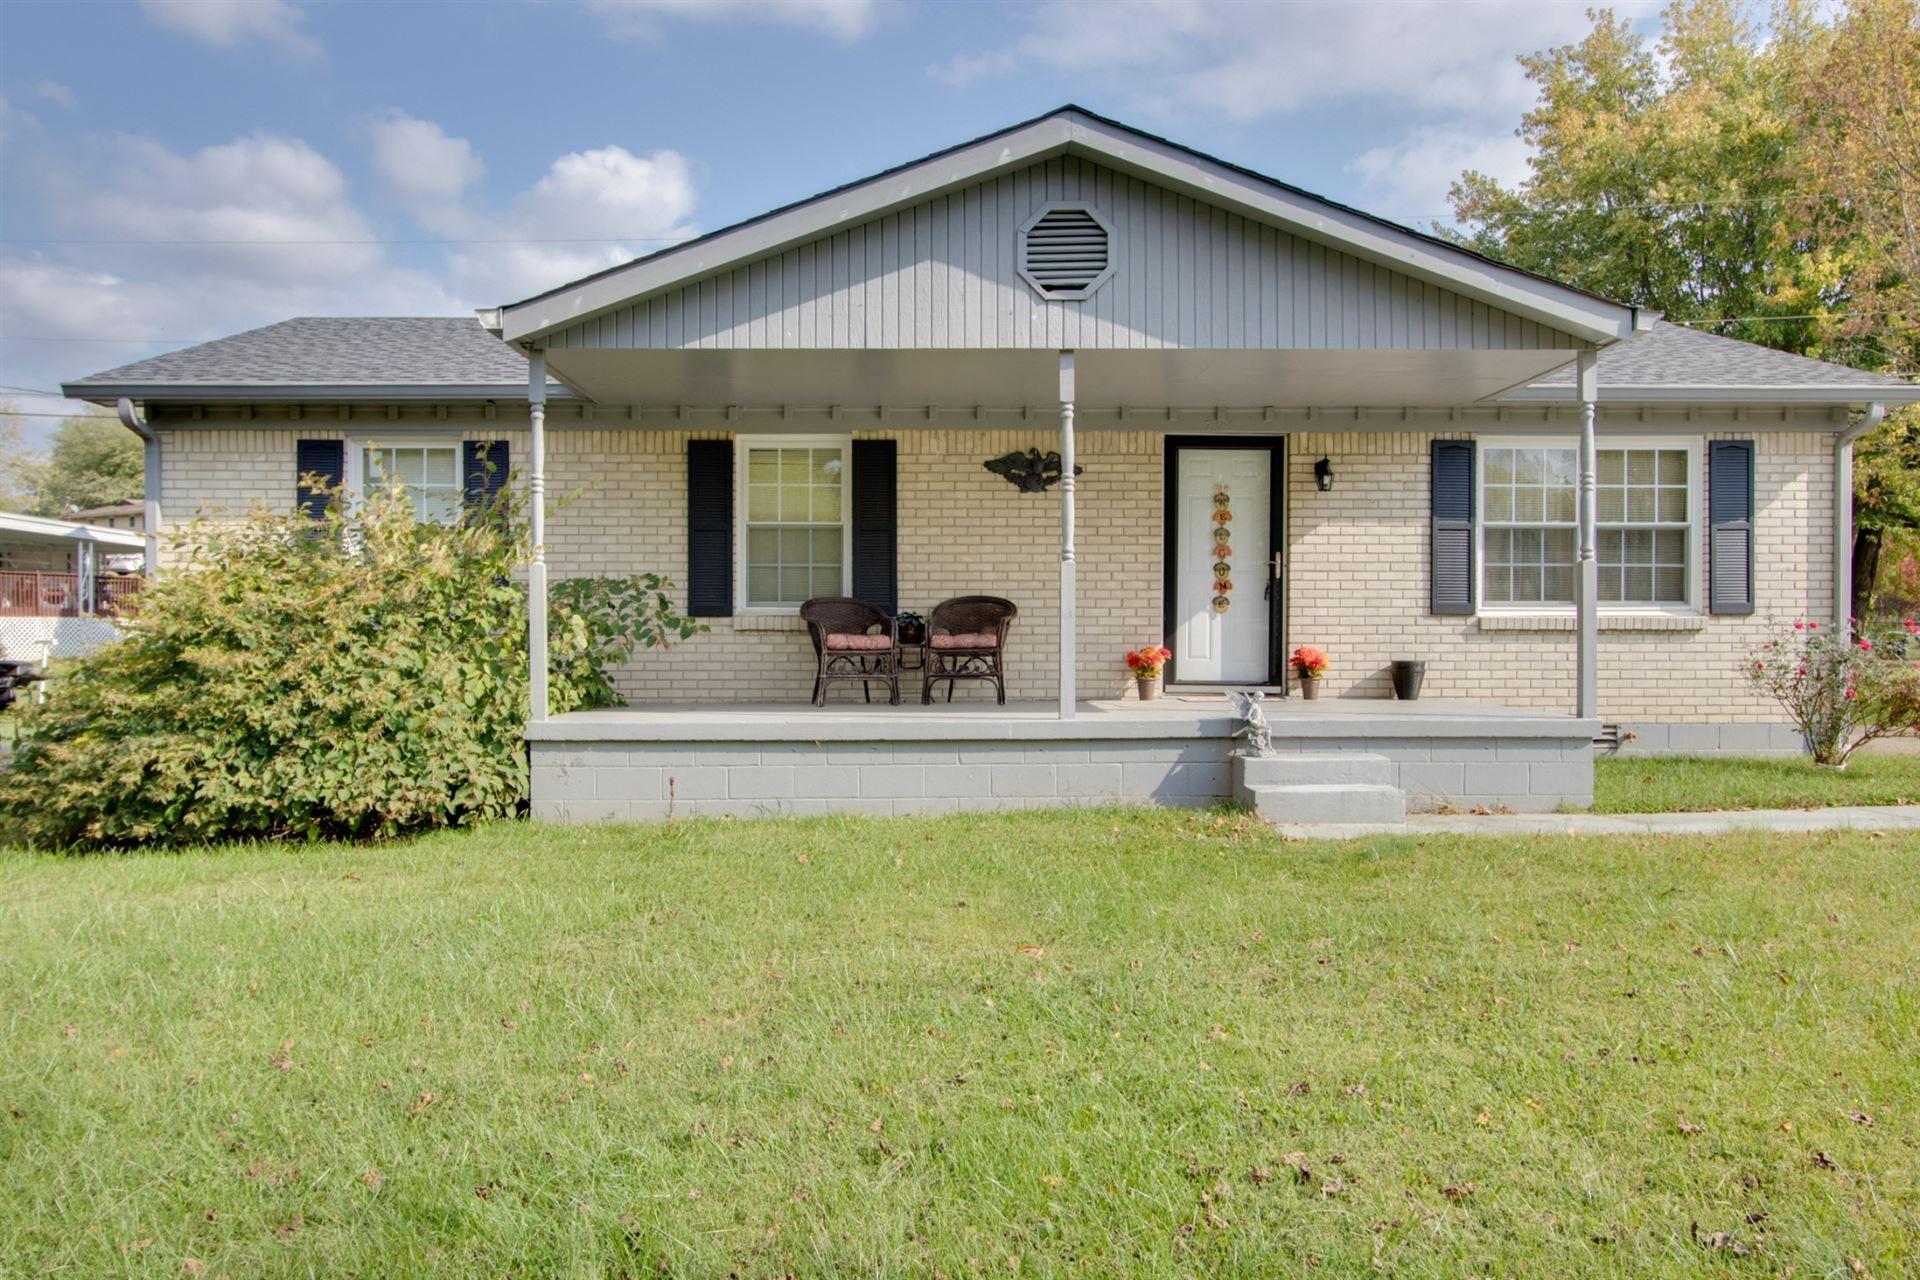 704 King Dr, Springfield, TN 37172 - MLS#: 2199663